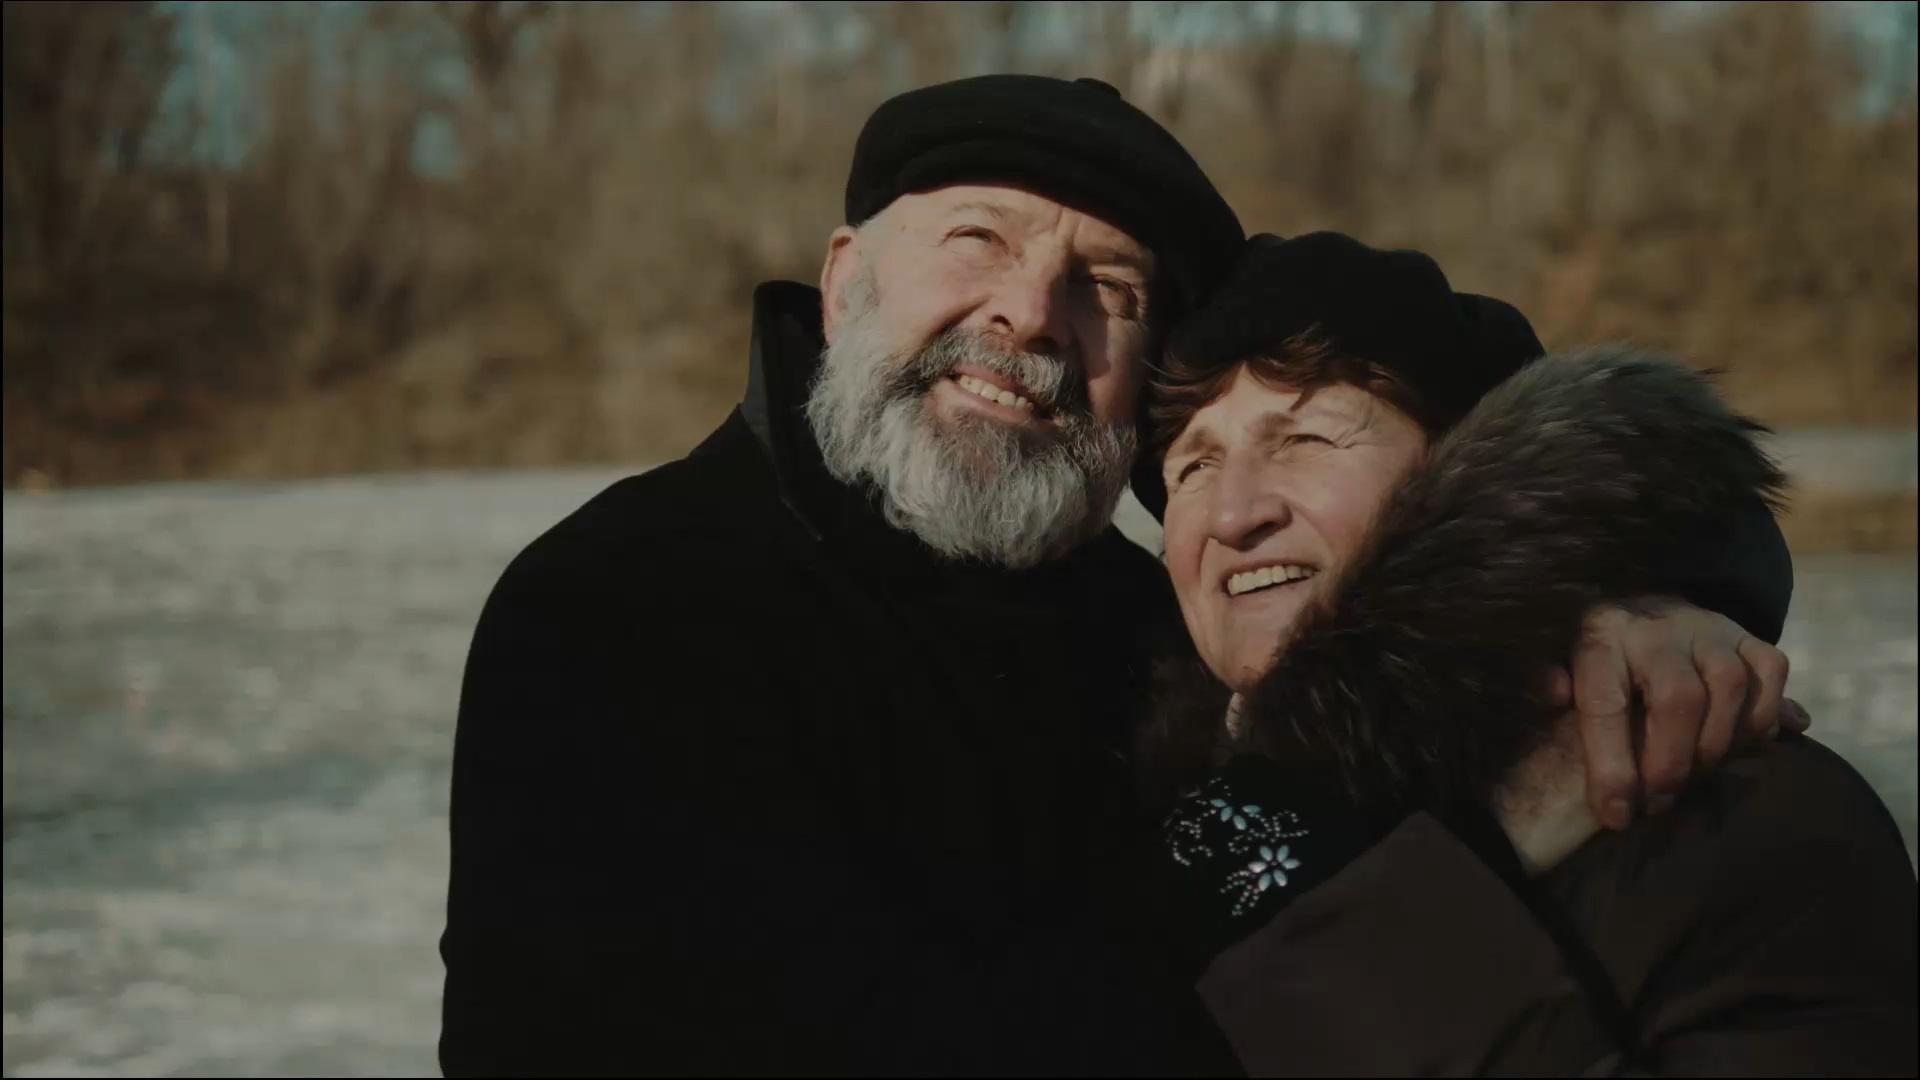 семейный видеограф киев